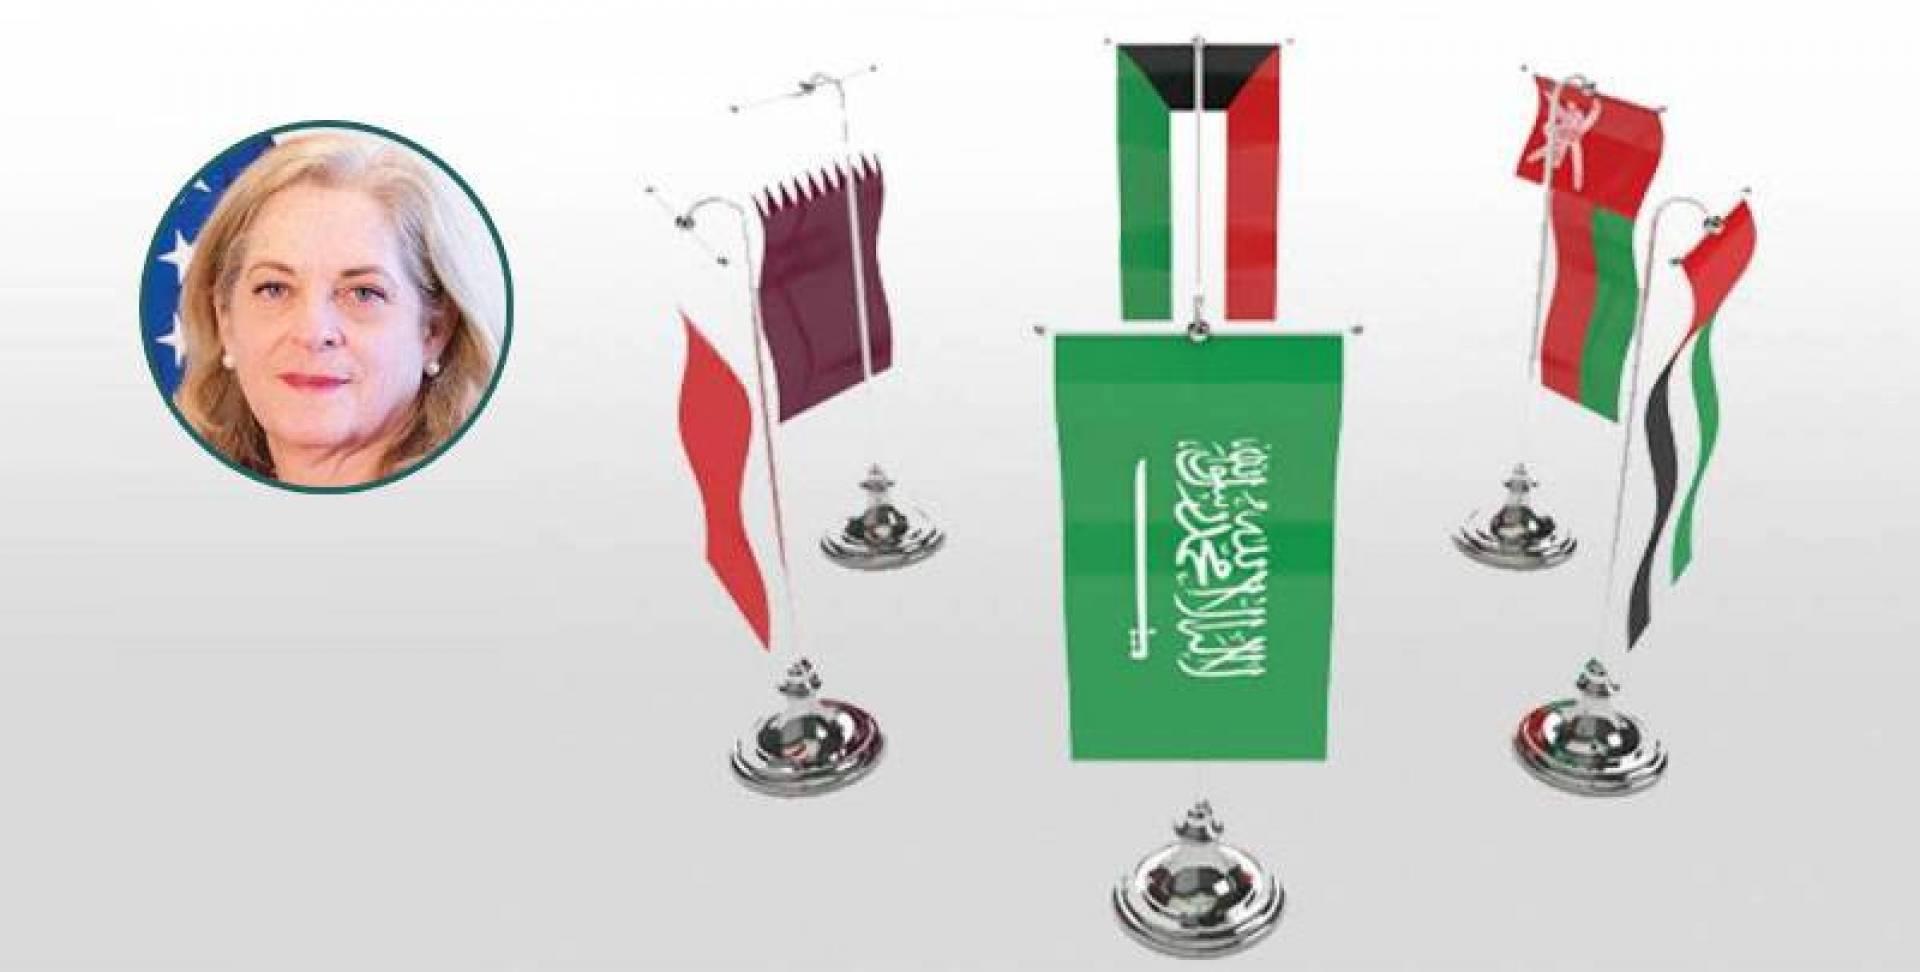 السفيرة الأميركية: دعم الوساطة الكويتية مستمر لحل الأزمة الخليجية